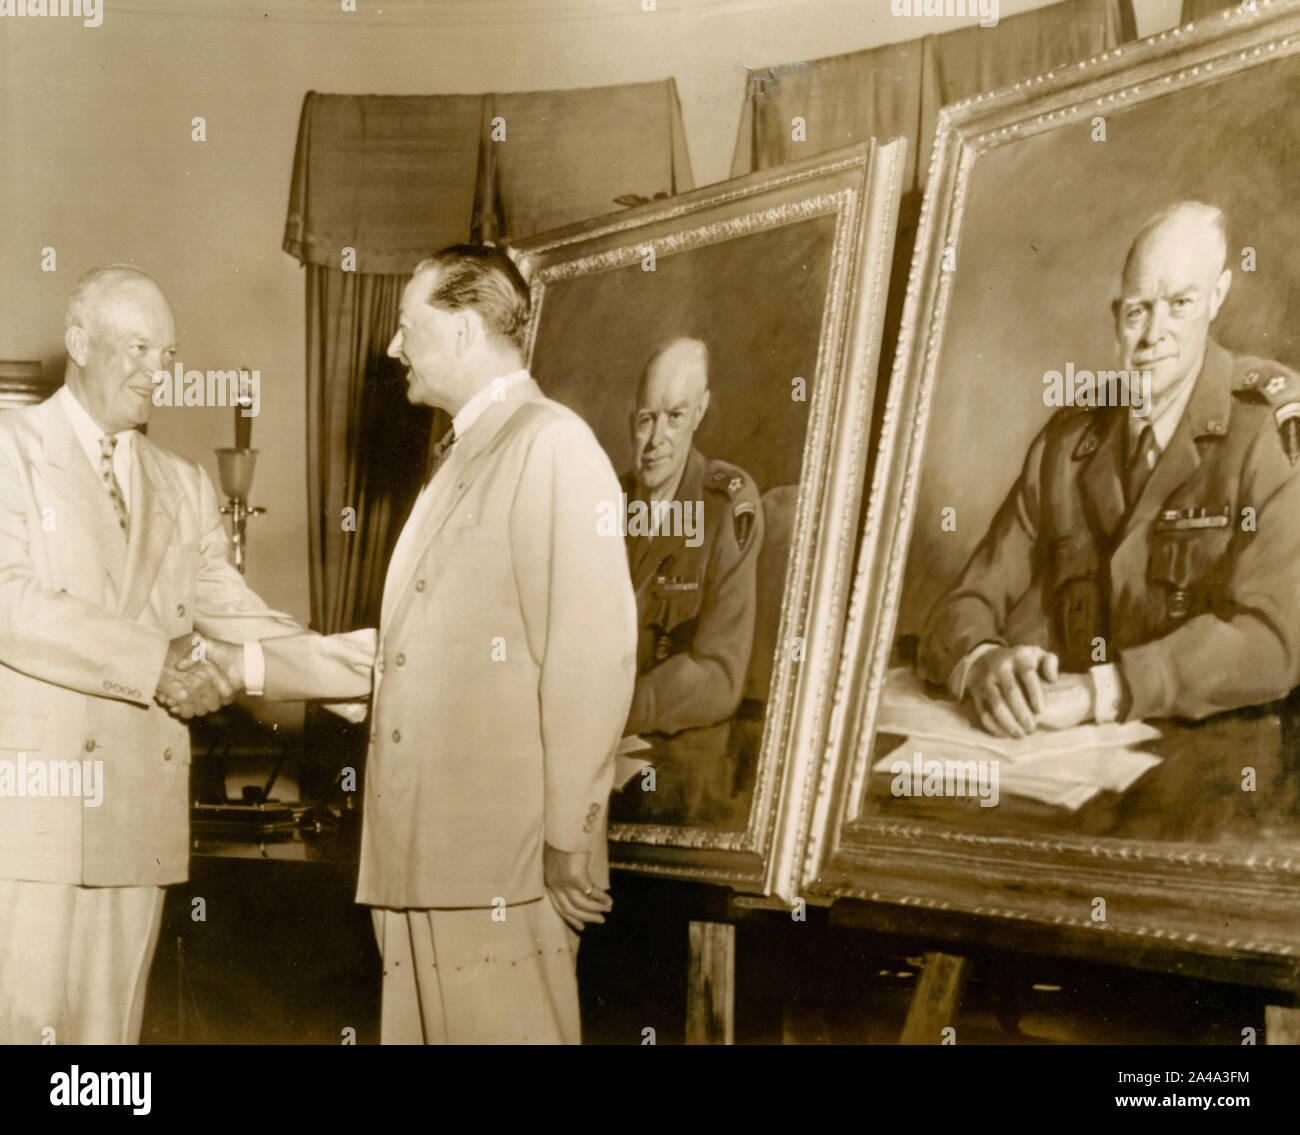 El Presidente de los Estados Unidos, Dwight Eisenhower, saluda el pintor que hicieron sus retratos, USA 1954 Foto de stock